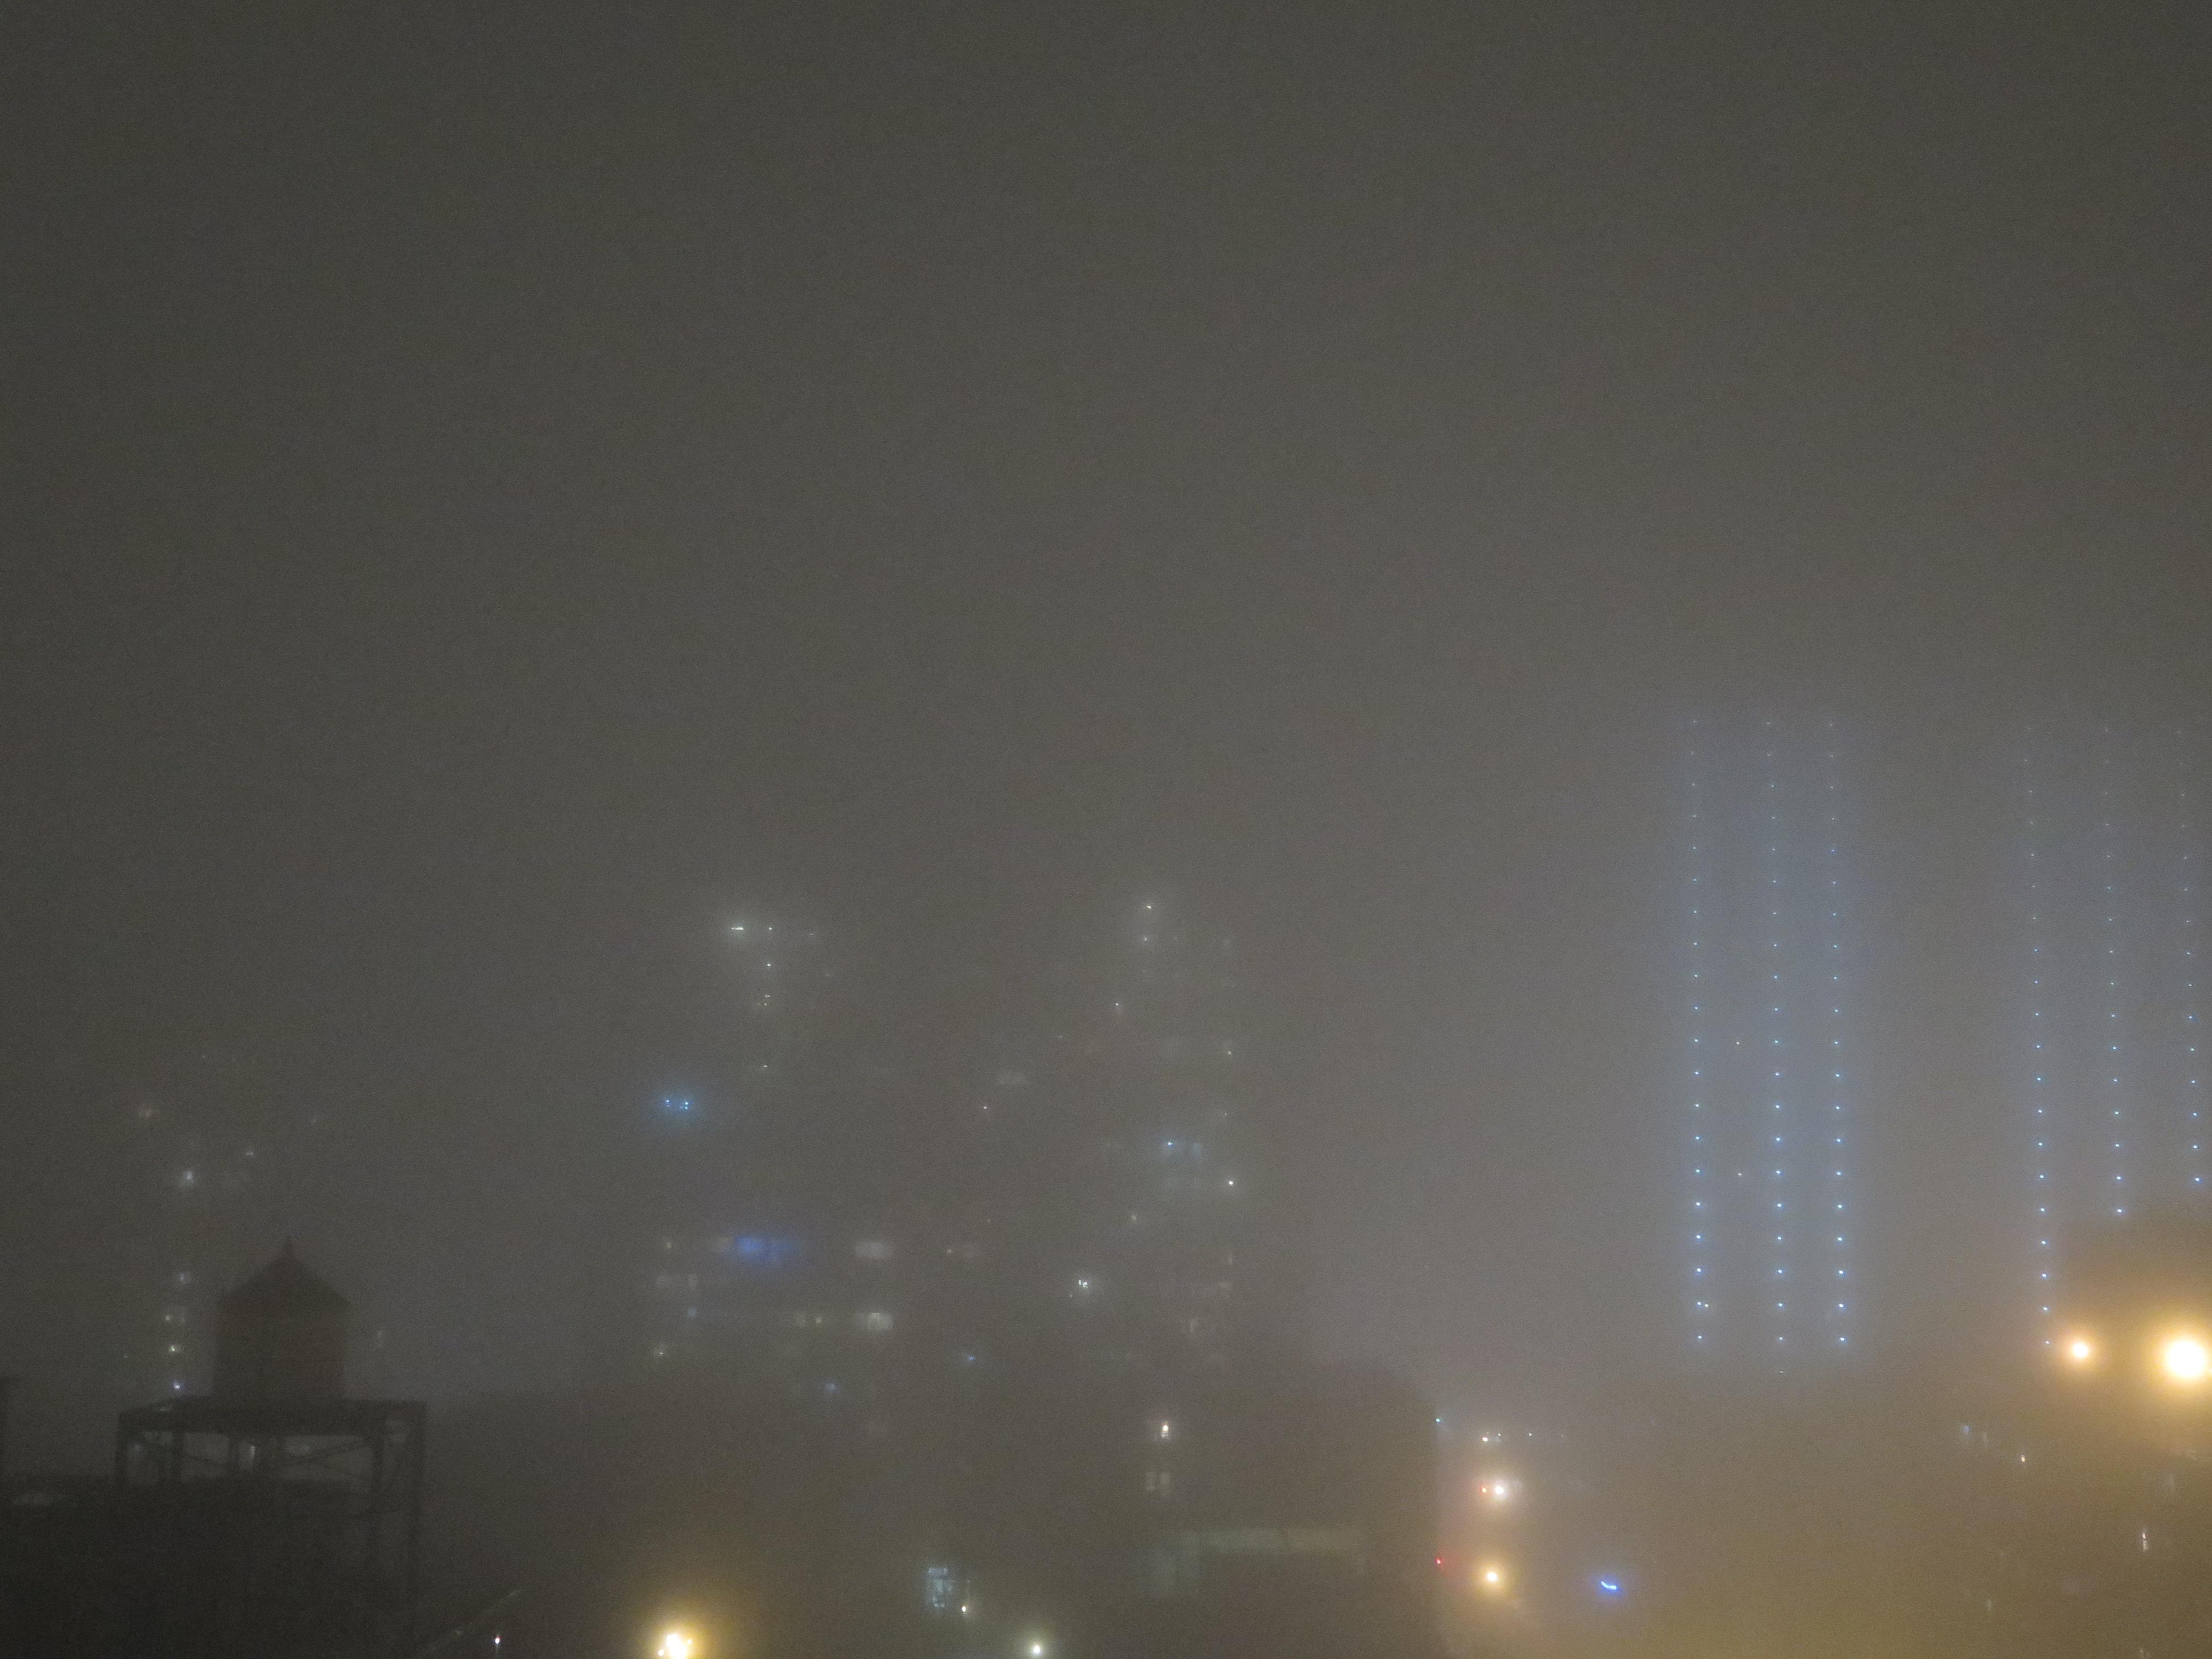 Three nights ago, unusually foggy.